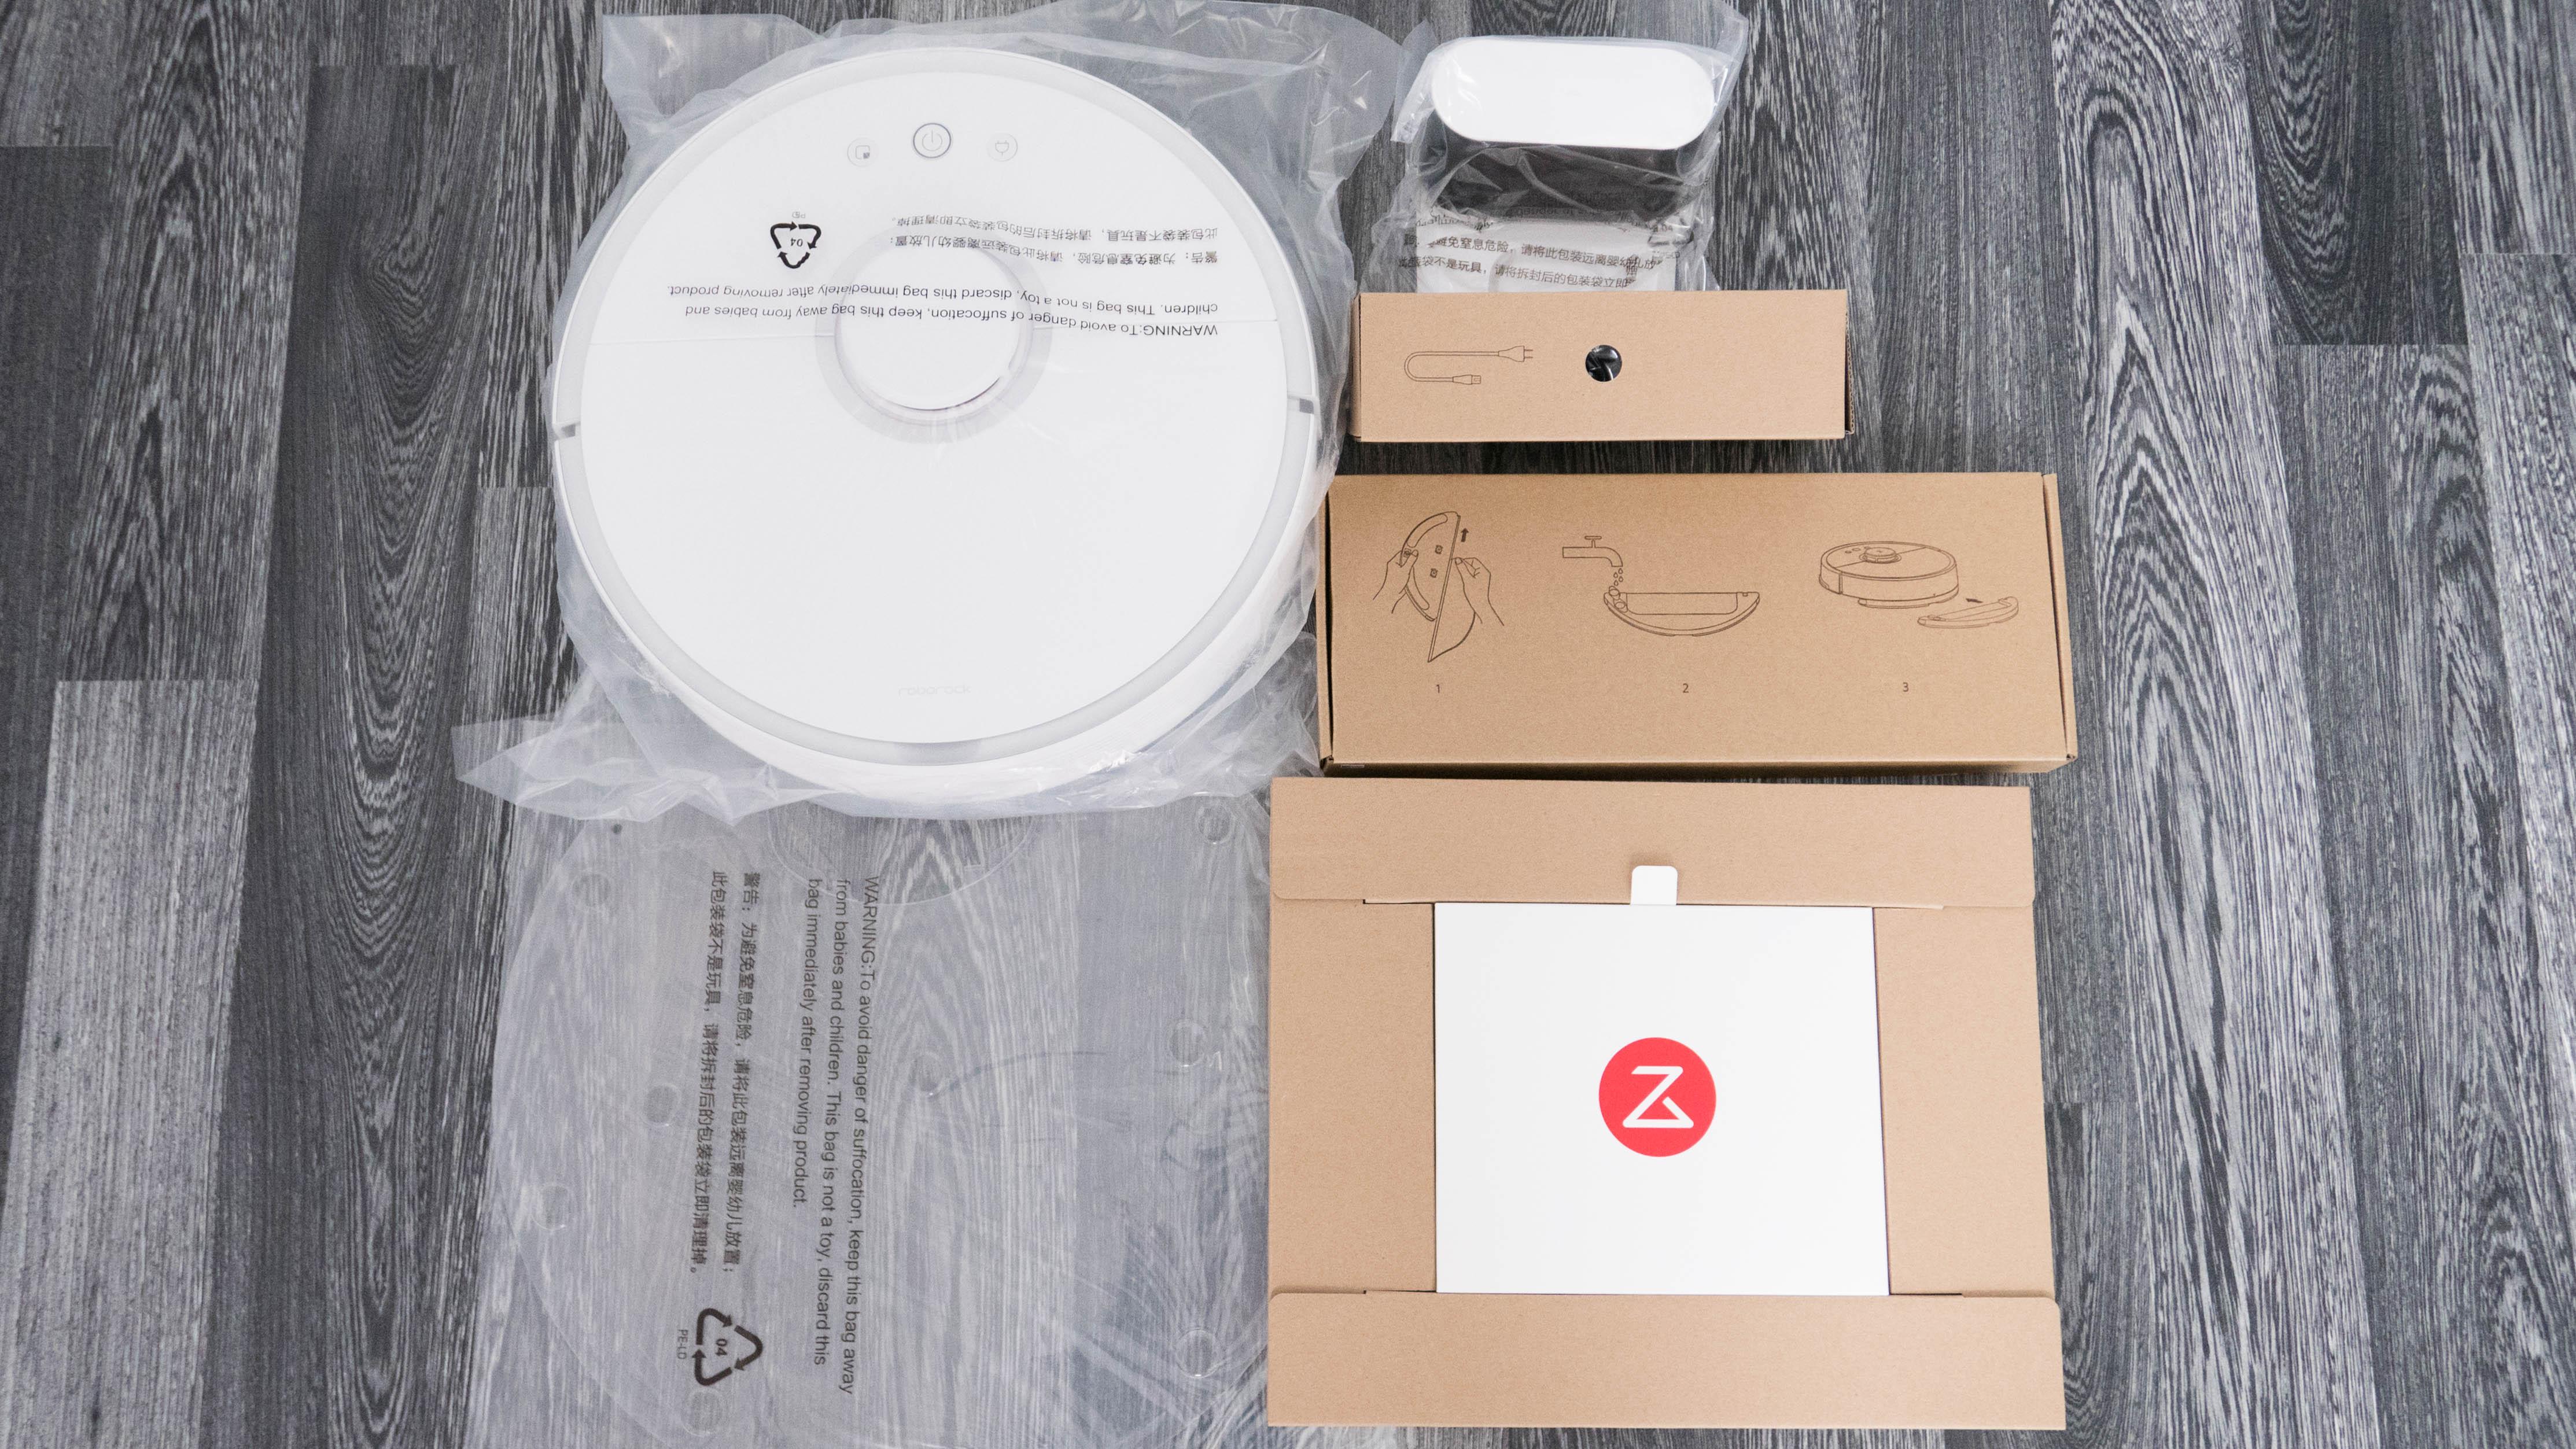 Xiaomi Mi Robot 2 Auspacken 7